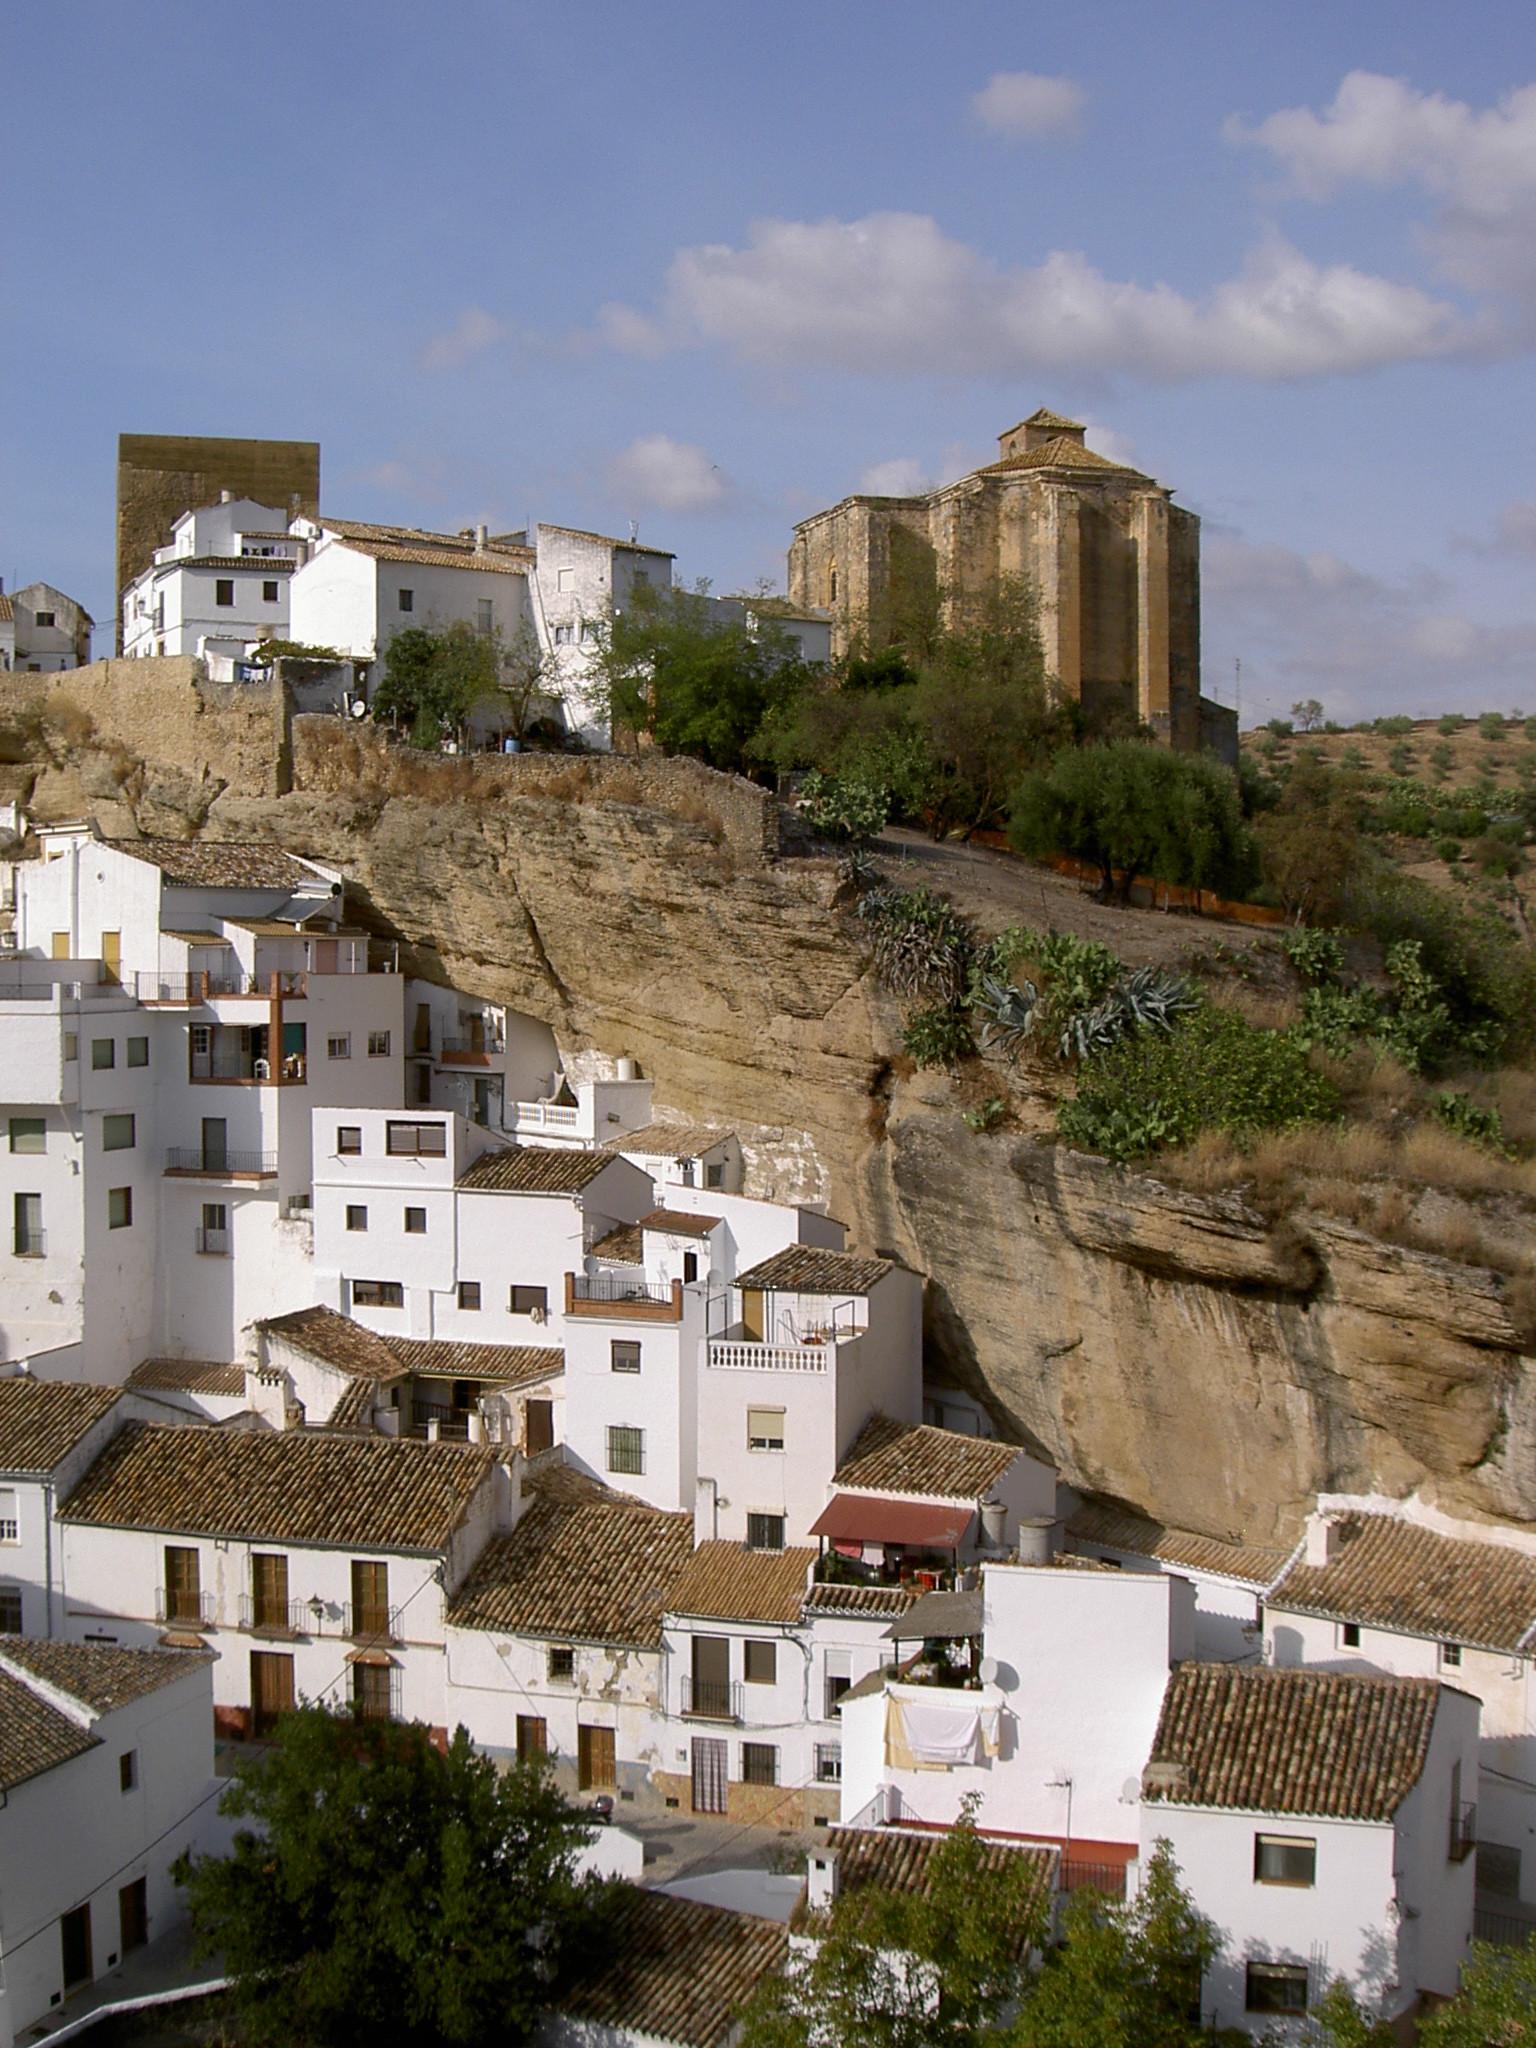 7. Setenil de las Bodegas - Living Under a Rock: Setenil de las Bodegas, Cádiz